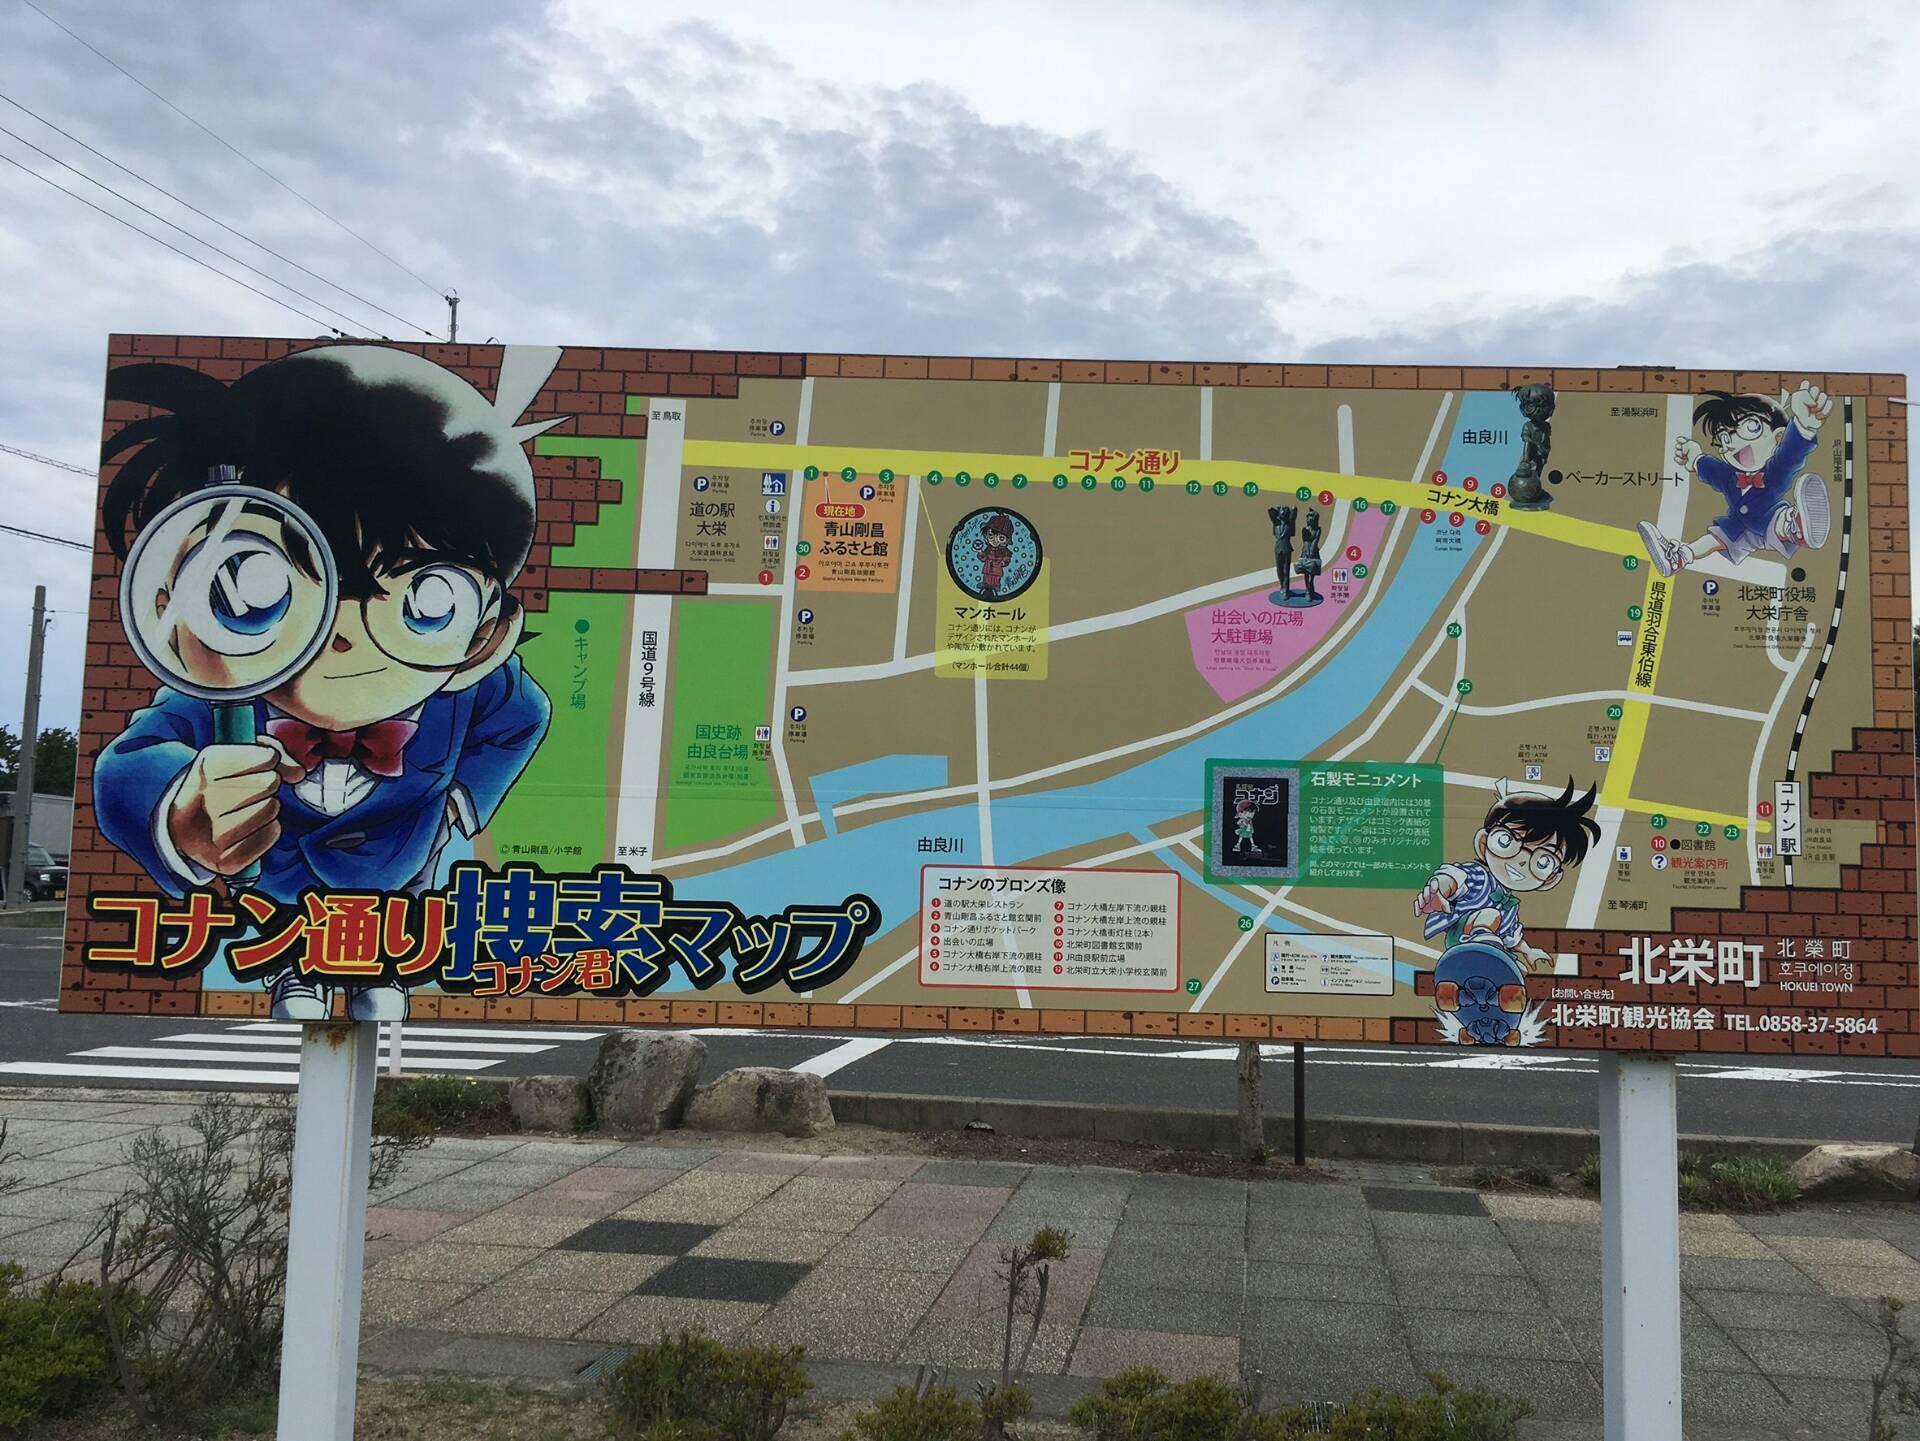 コナン通り地図